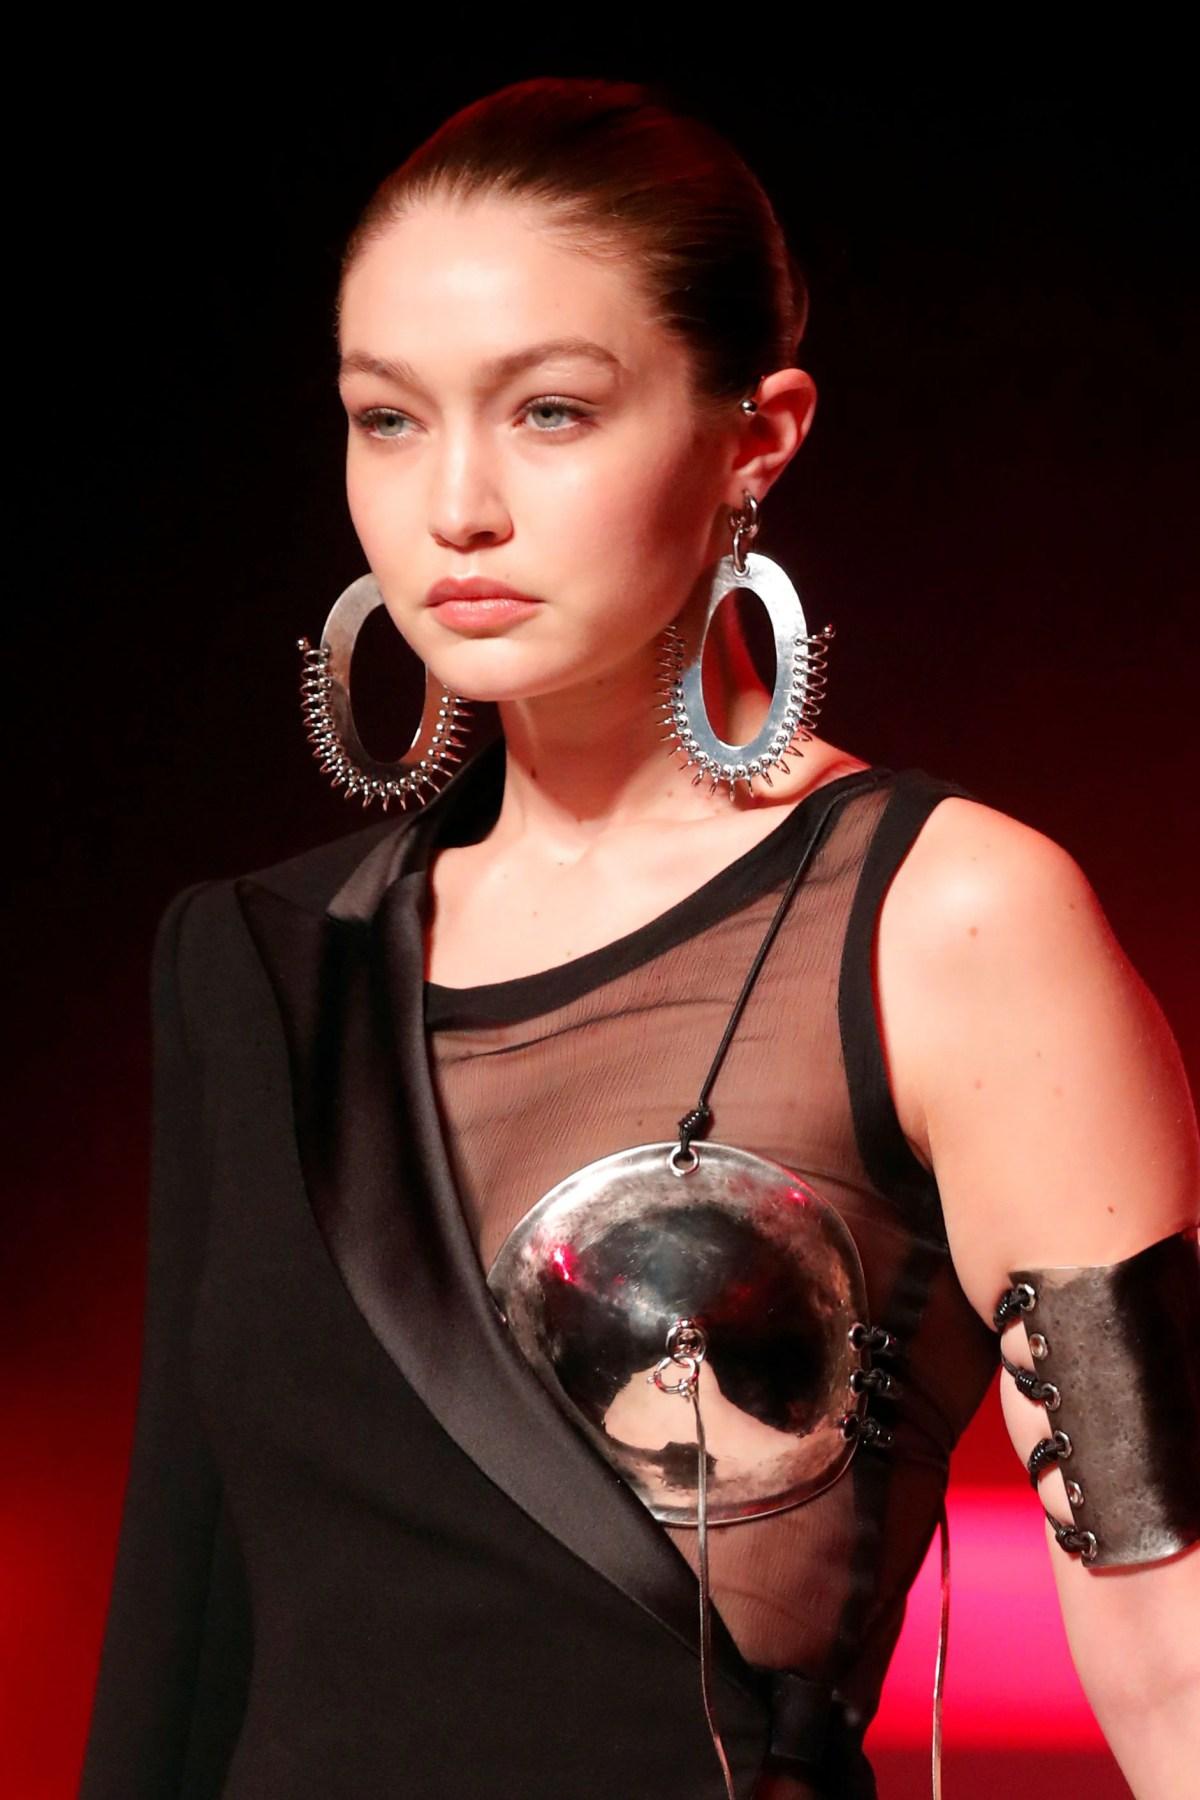 La modelo adelantó en febrero que no quiere ser siempre una modelo (Foto: REUTERS/Charles Platiau)